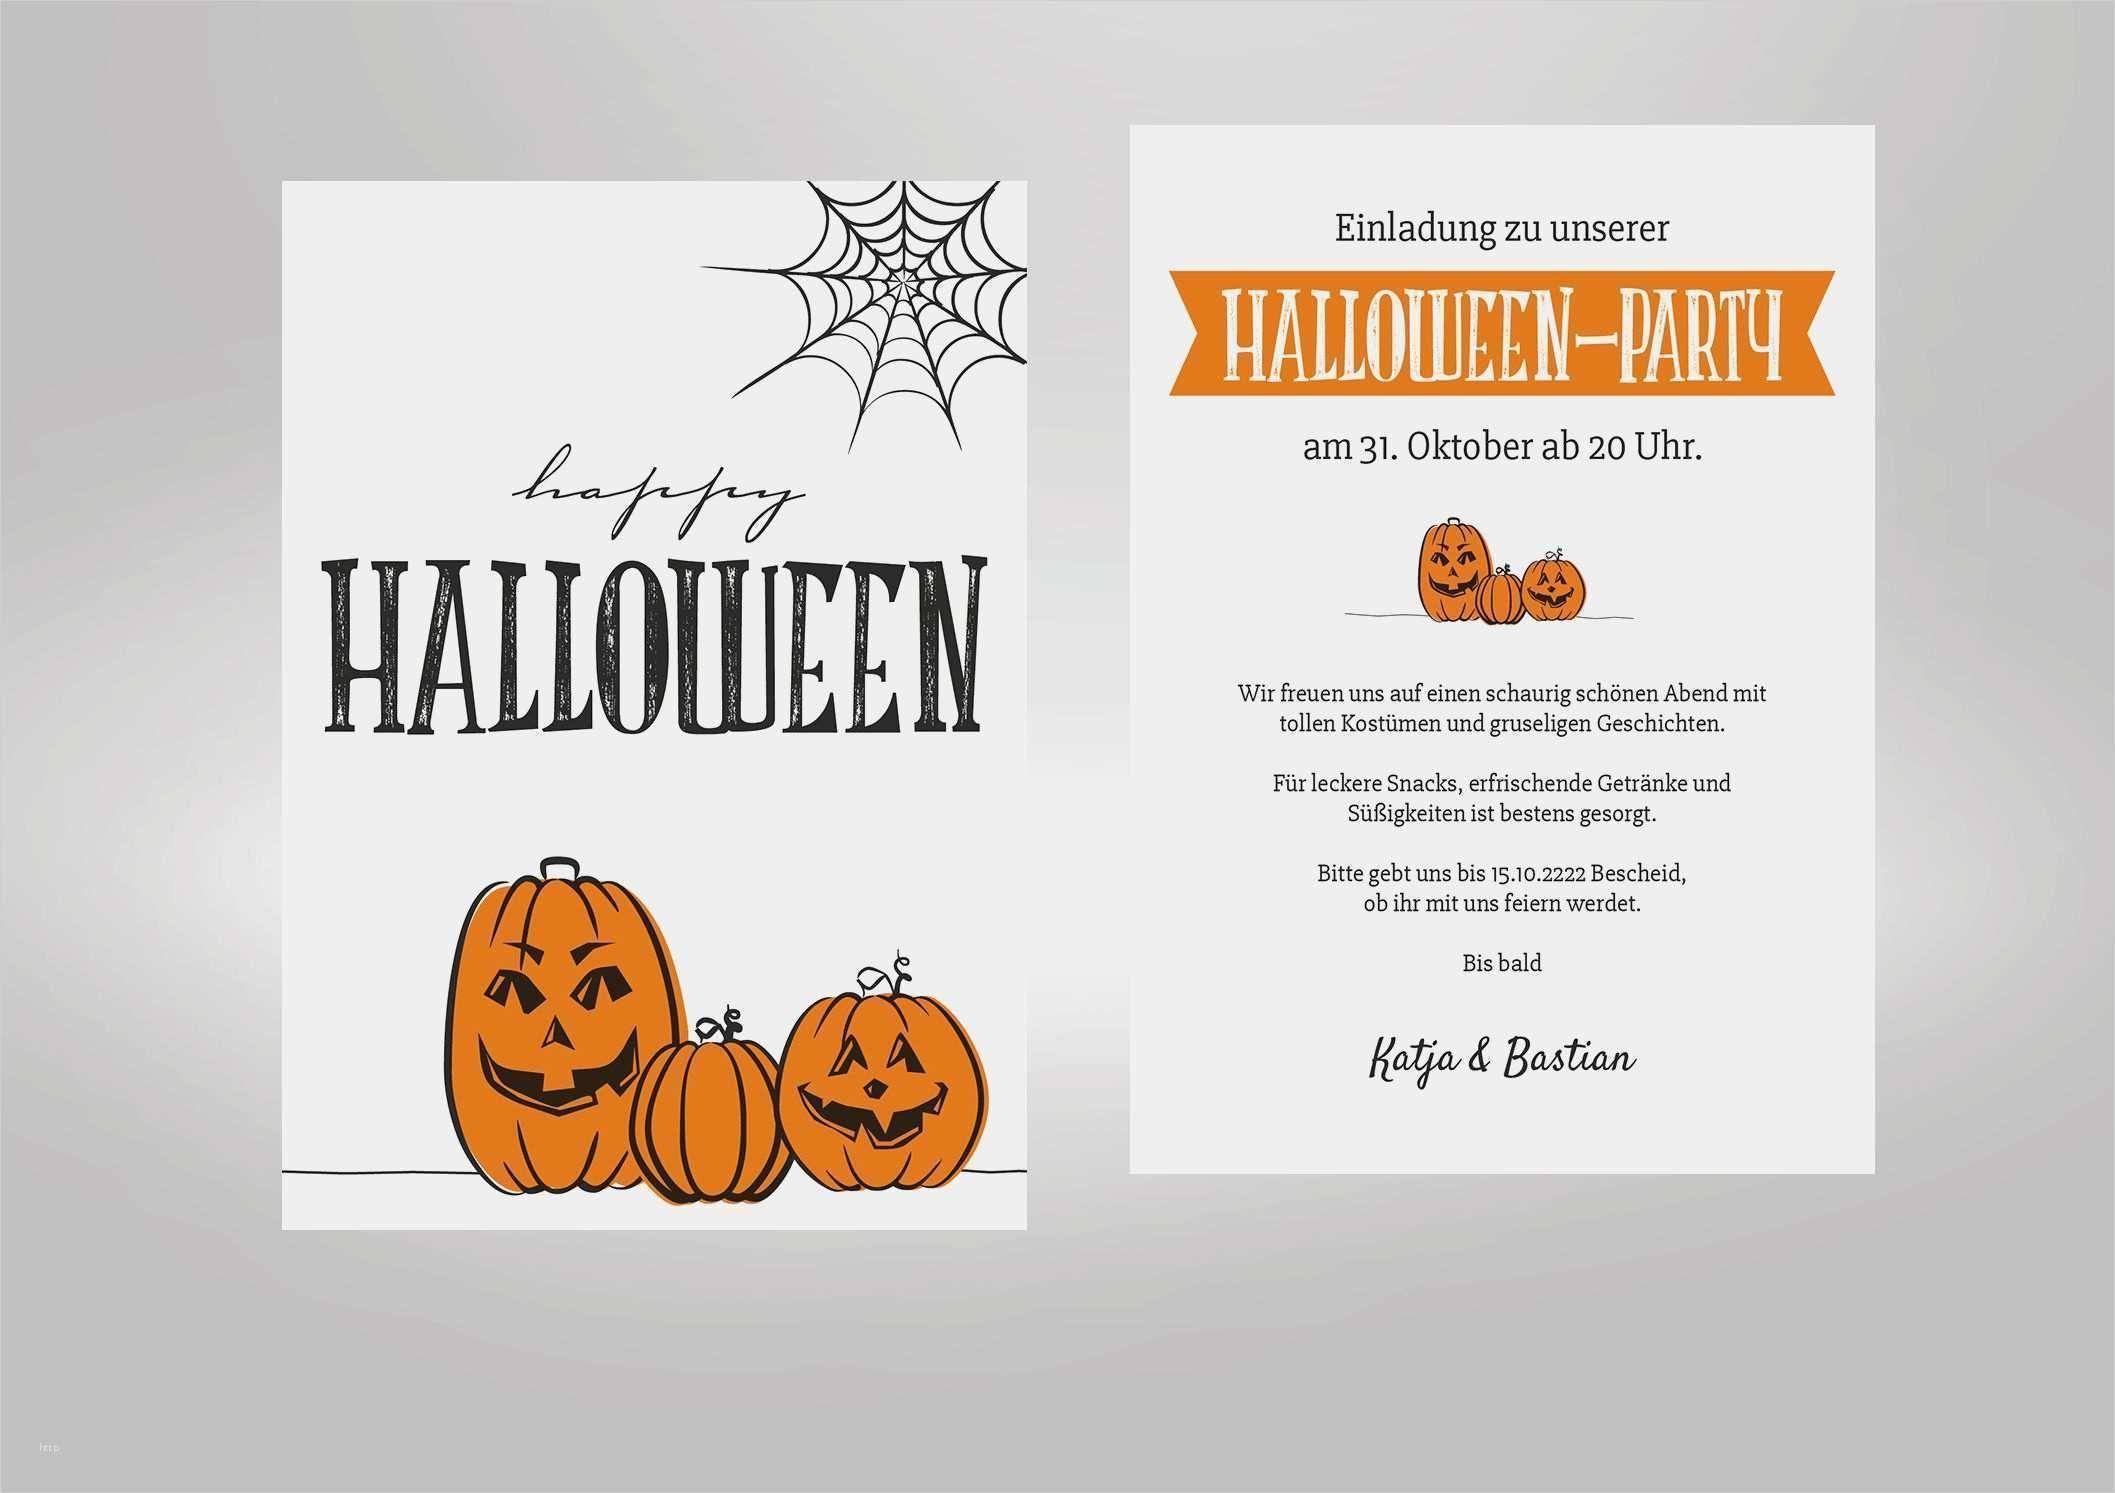 Einladung Halloween Party Vorlagen Kostenlos 31 Gut Einladung Halloween Party Vorlagen Kostenlos Bilder In 2020 Wedding Invitations Invitations Wedding Anniversary